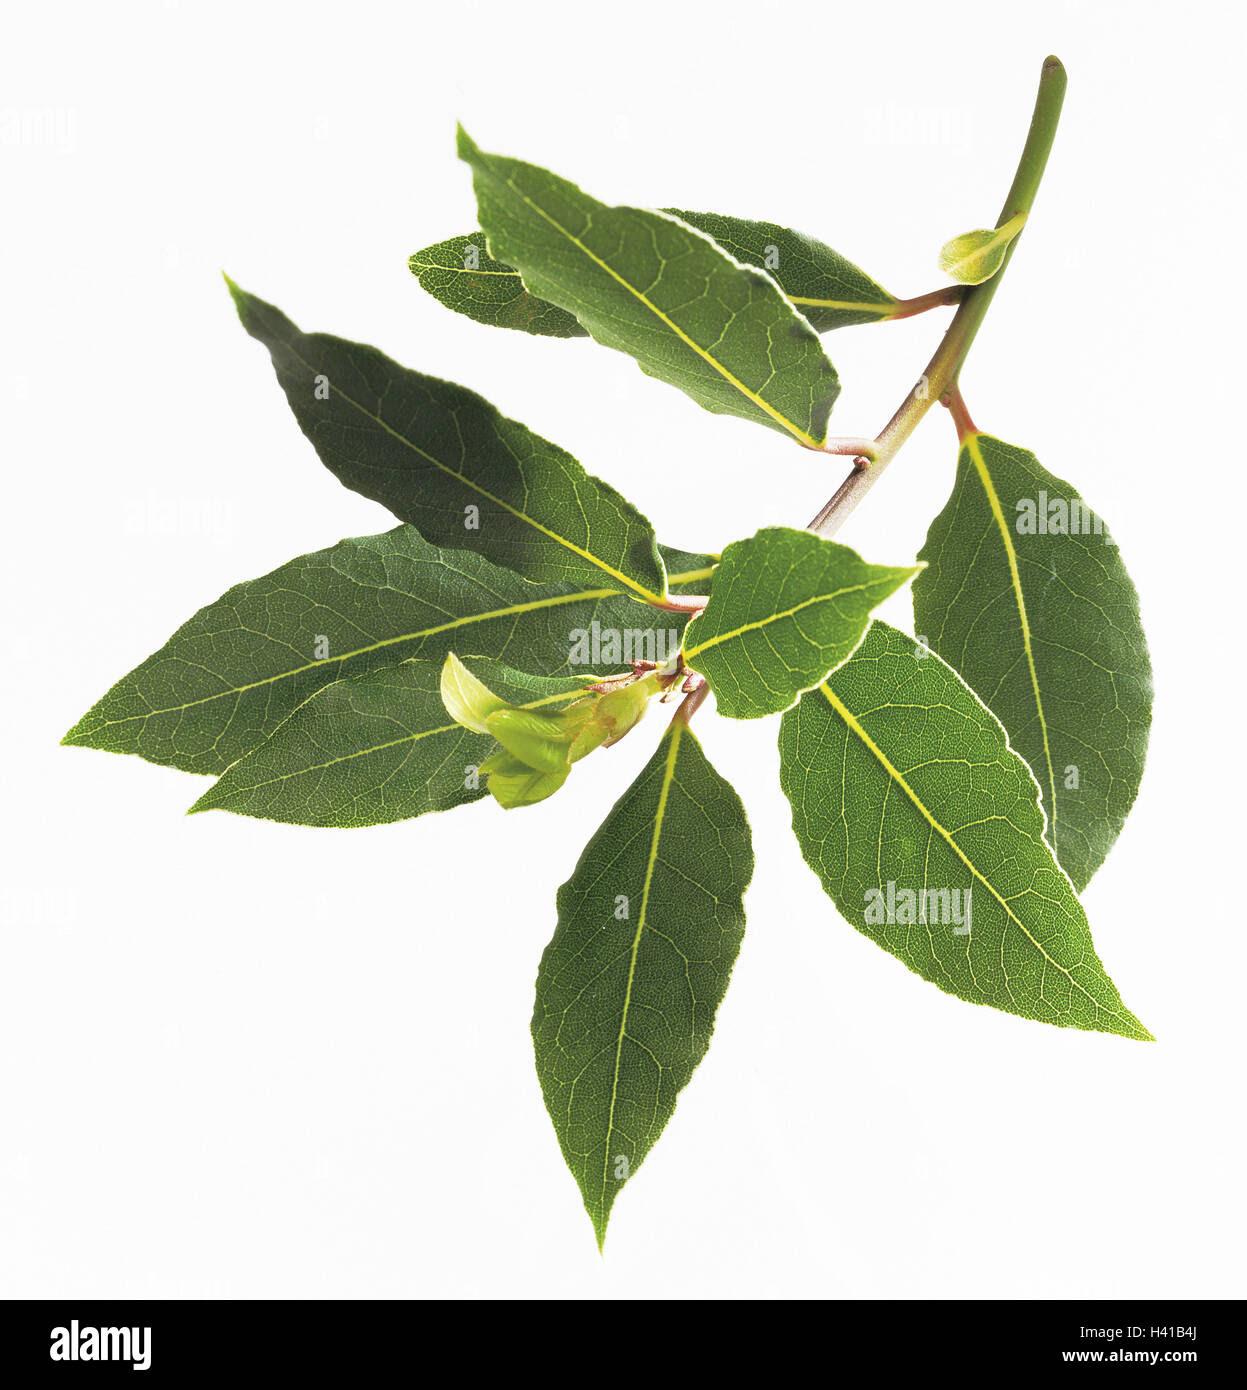 Bay leaf, Laurus nob